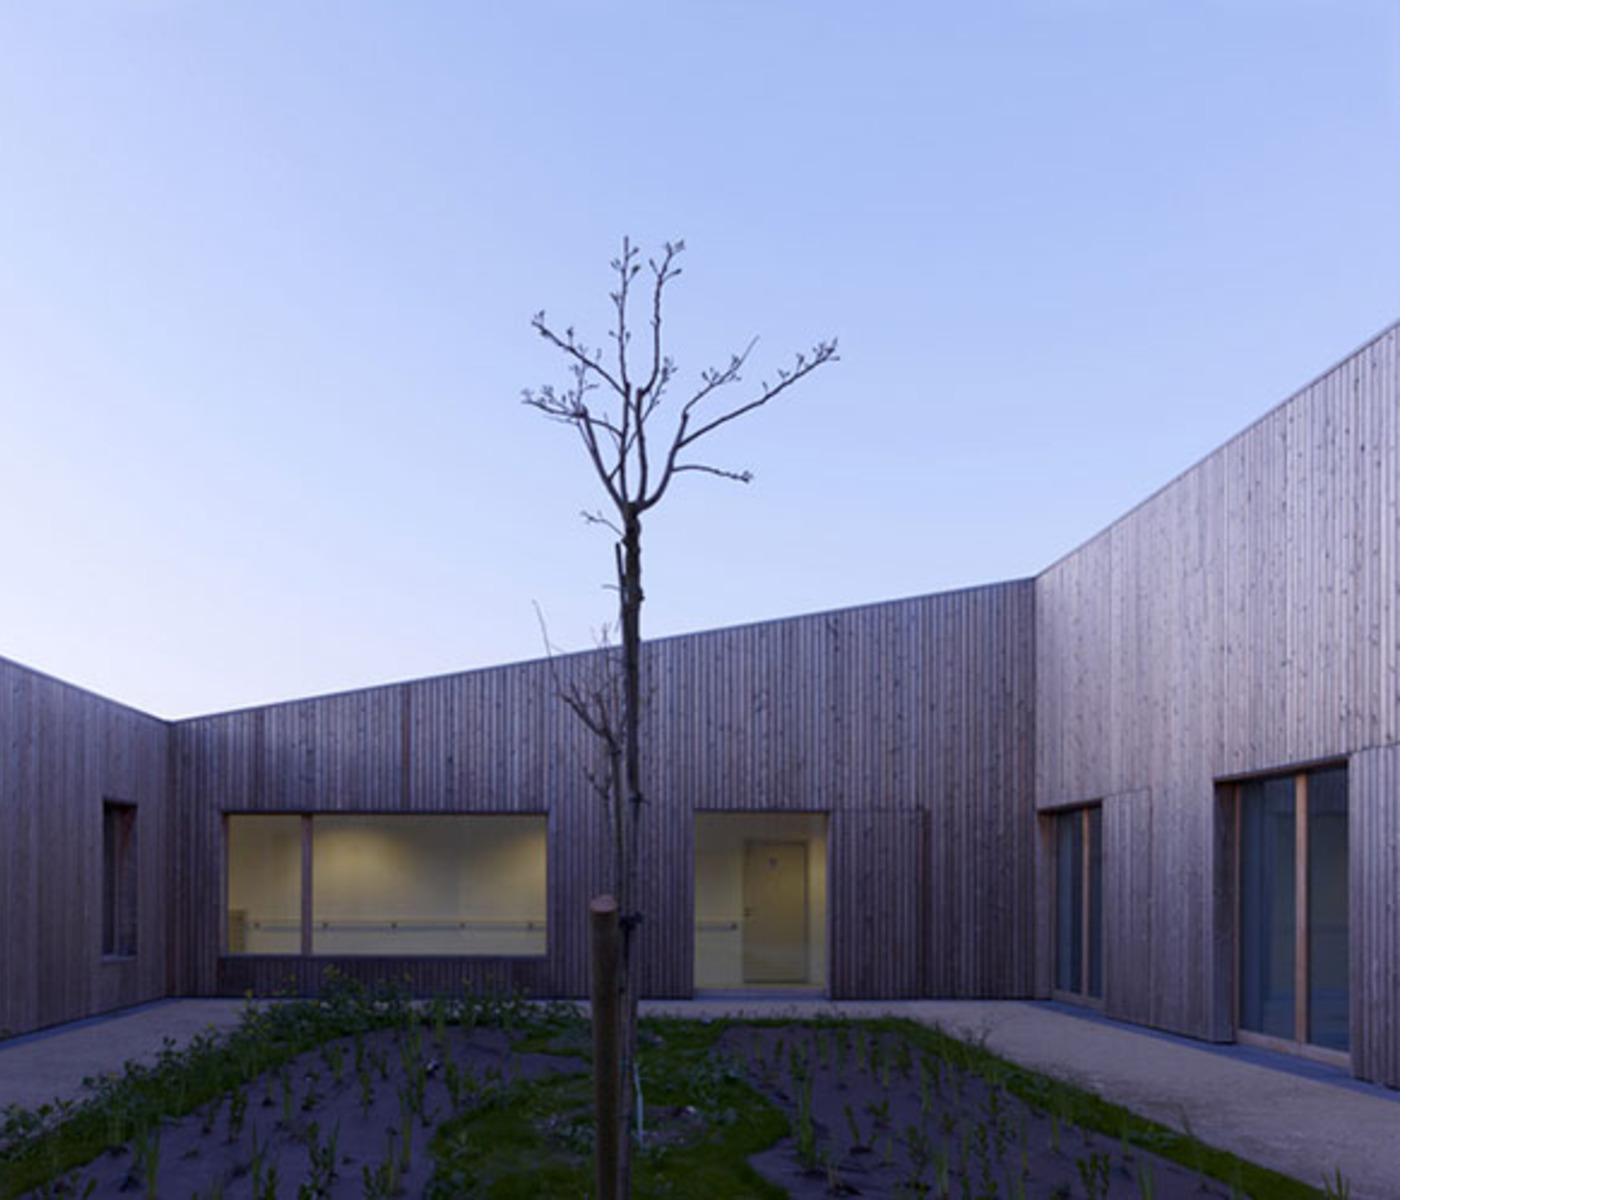 atelier zuendel cristea medical care center limay floornature. Black Bedroom Furniture Sets. Home Design Ideas